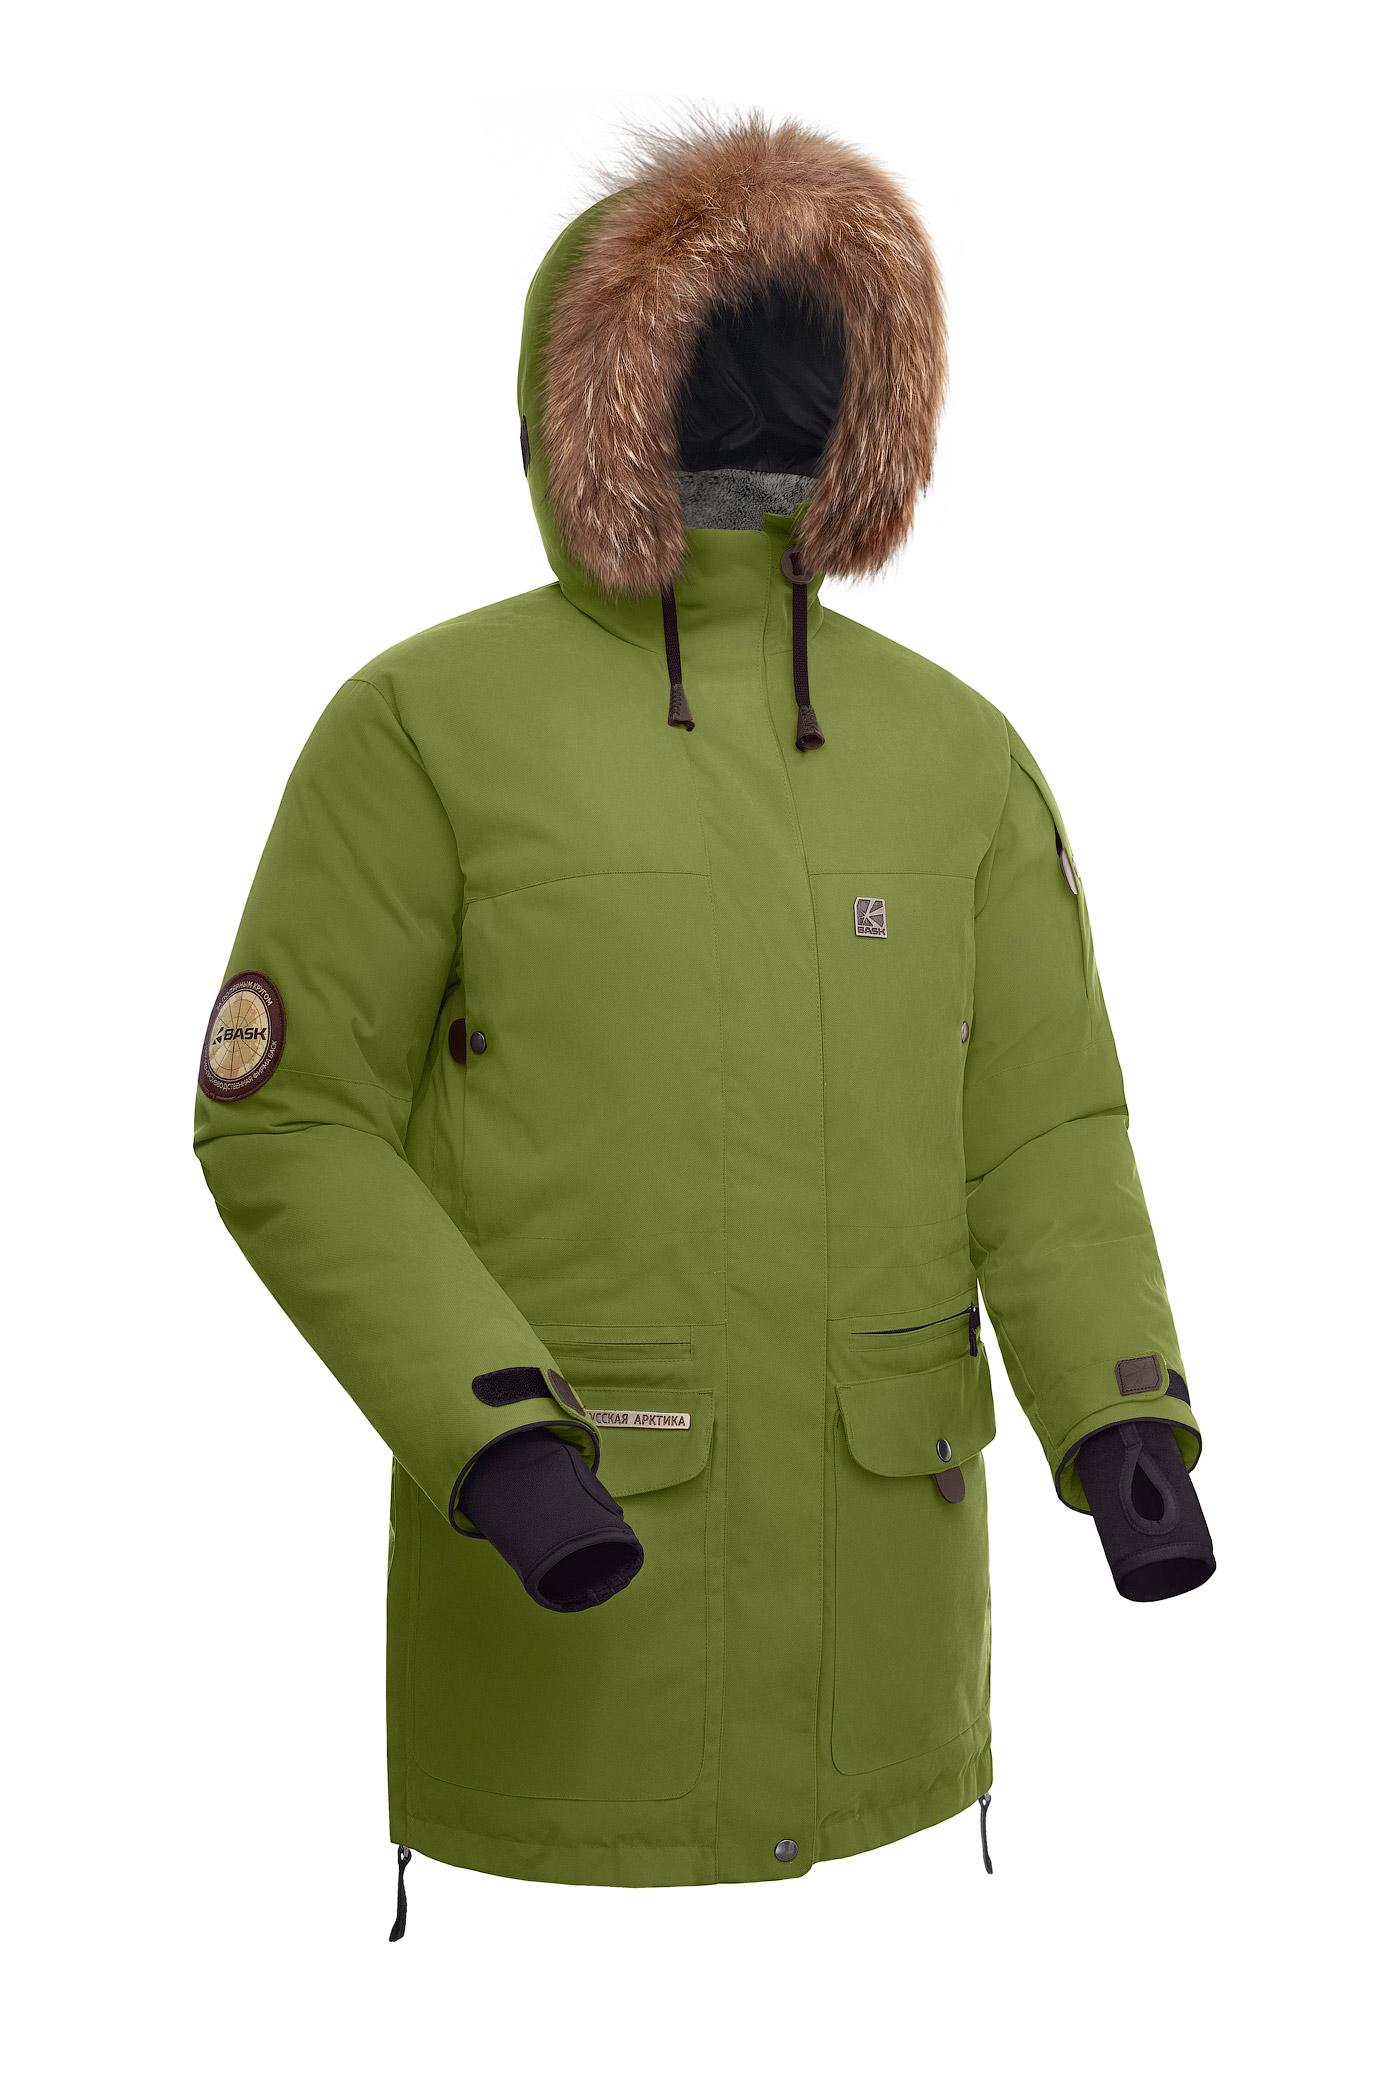 Купить Куртка пуховая женская BASK IREMEL хаки светлый, Компания БАСК